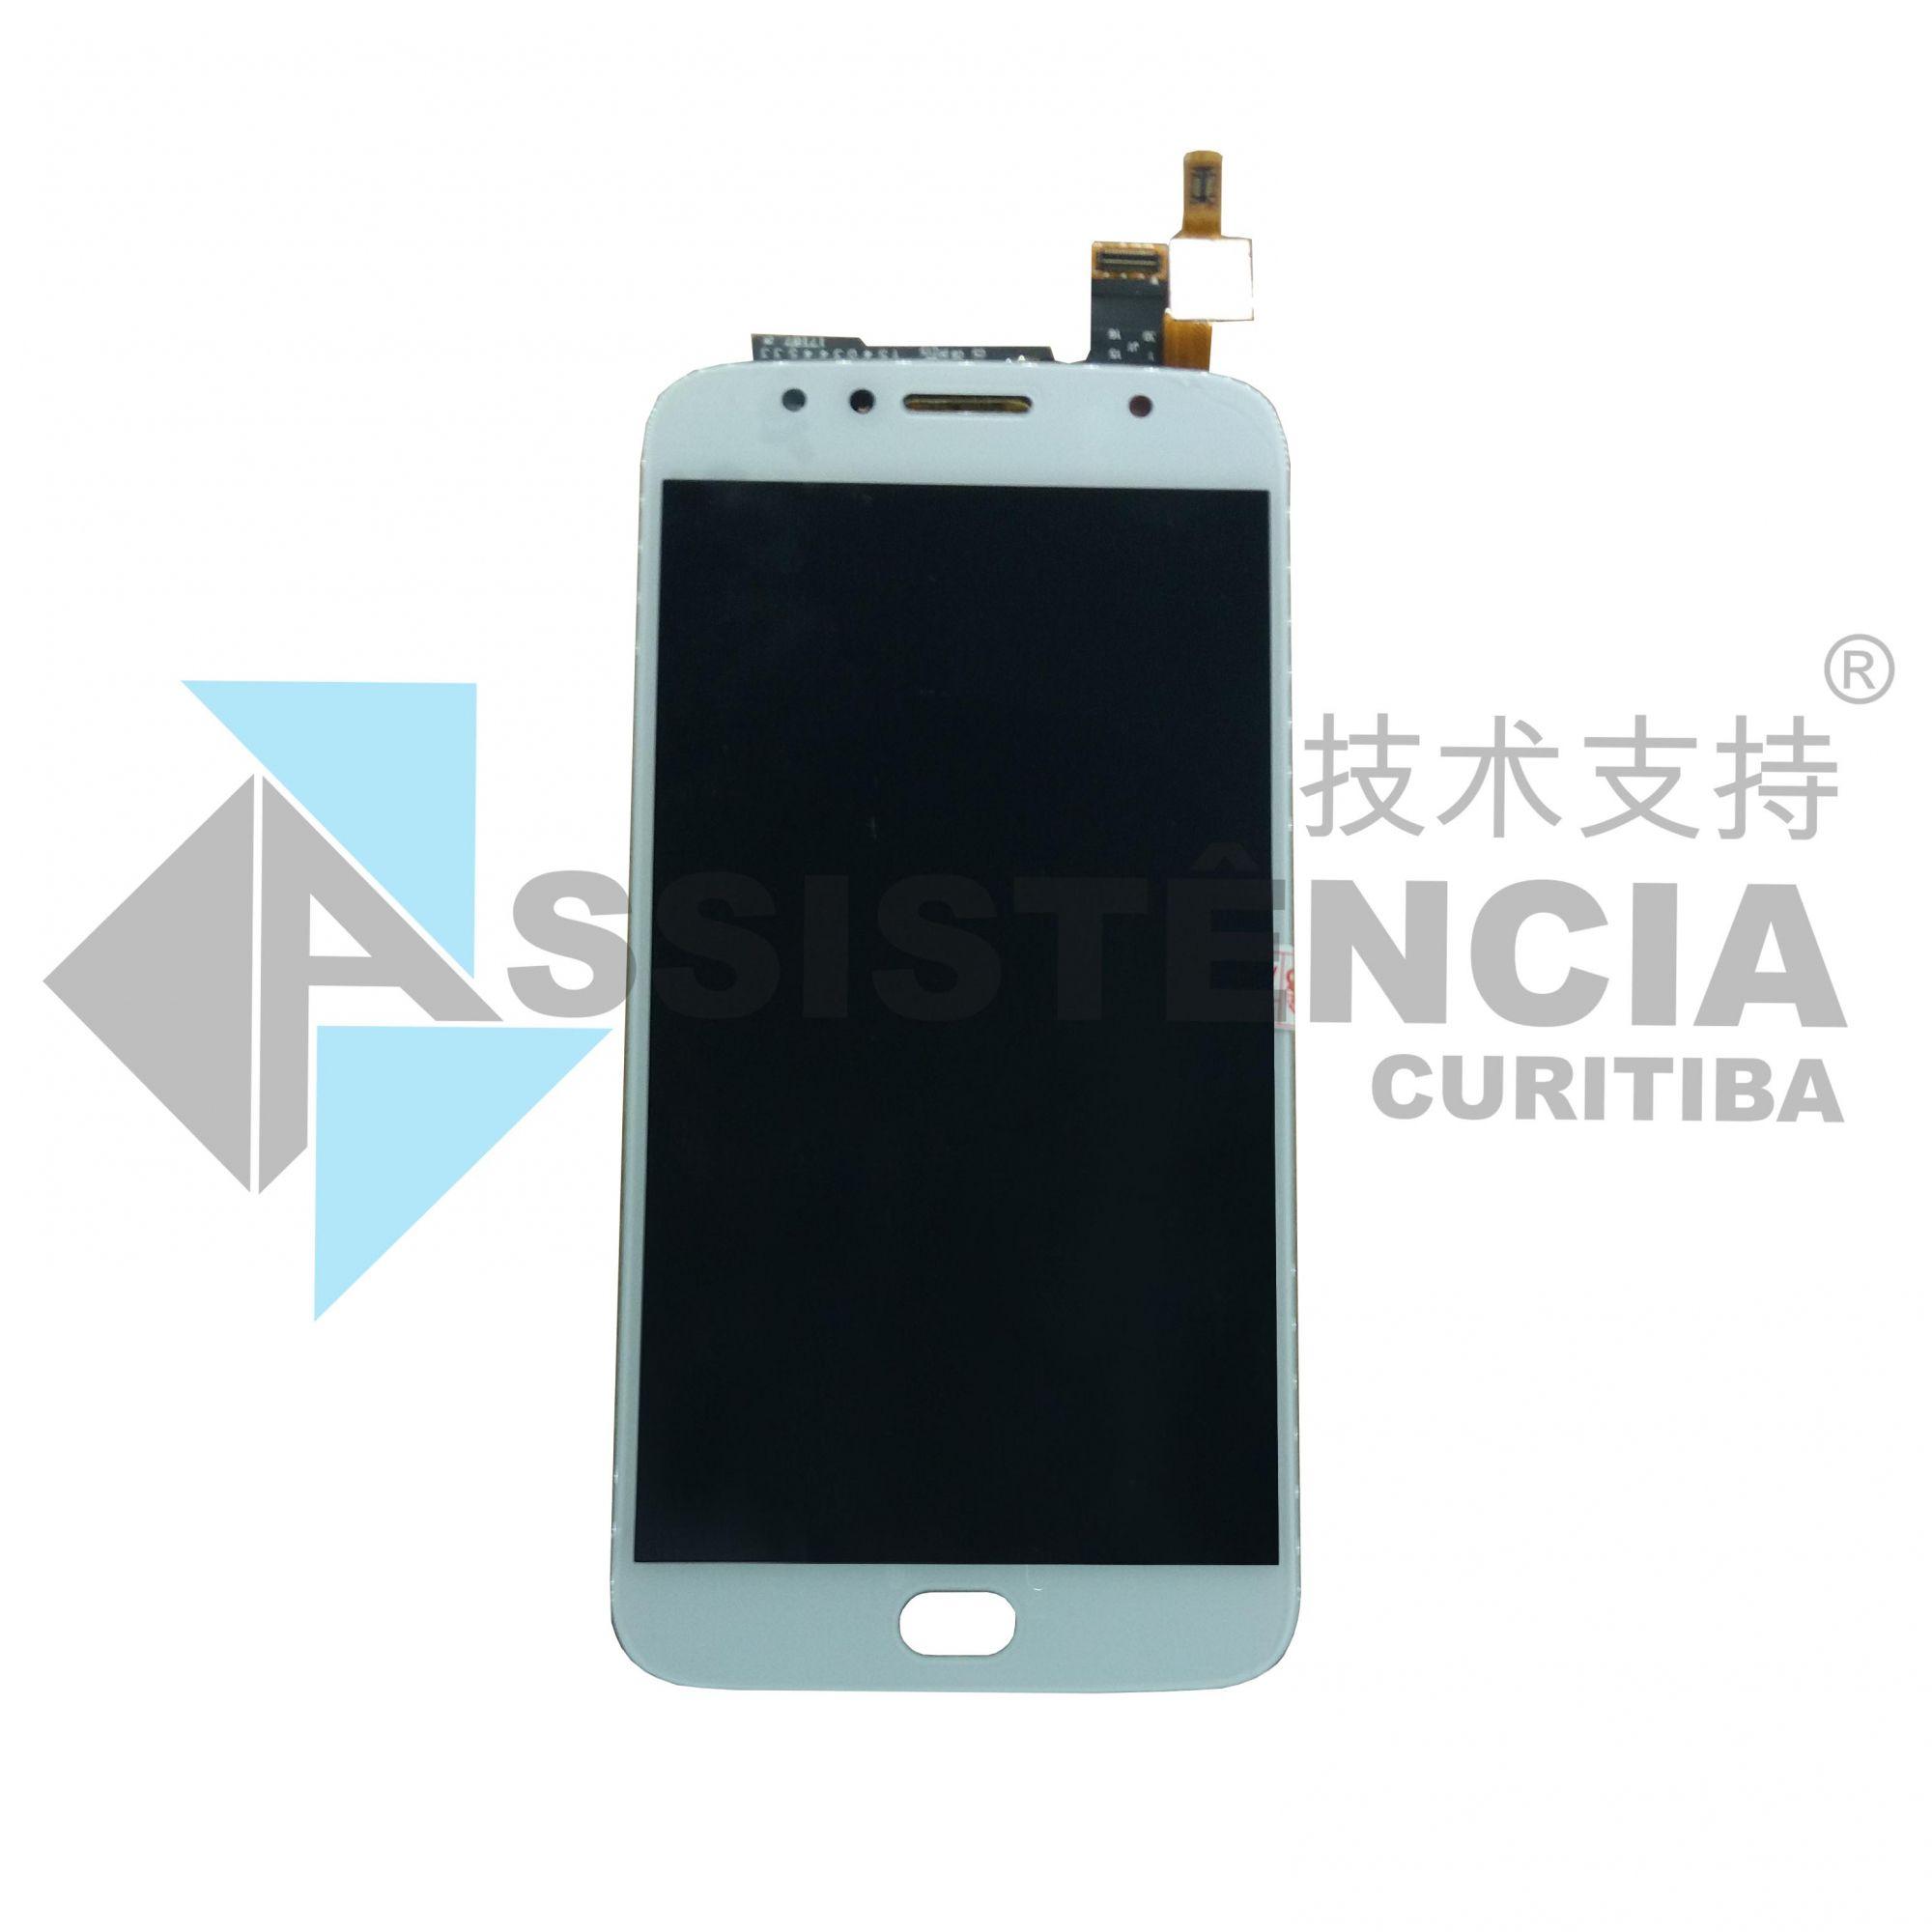 Tela Display Motorola Moto G5S Plus Xt1802 Xt1803 Xt1805 Xt1806 Branco